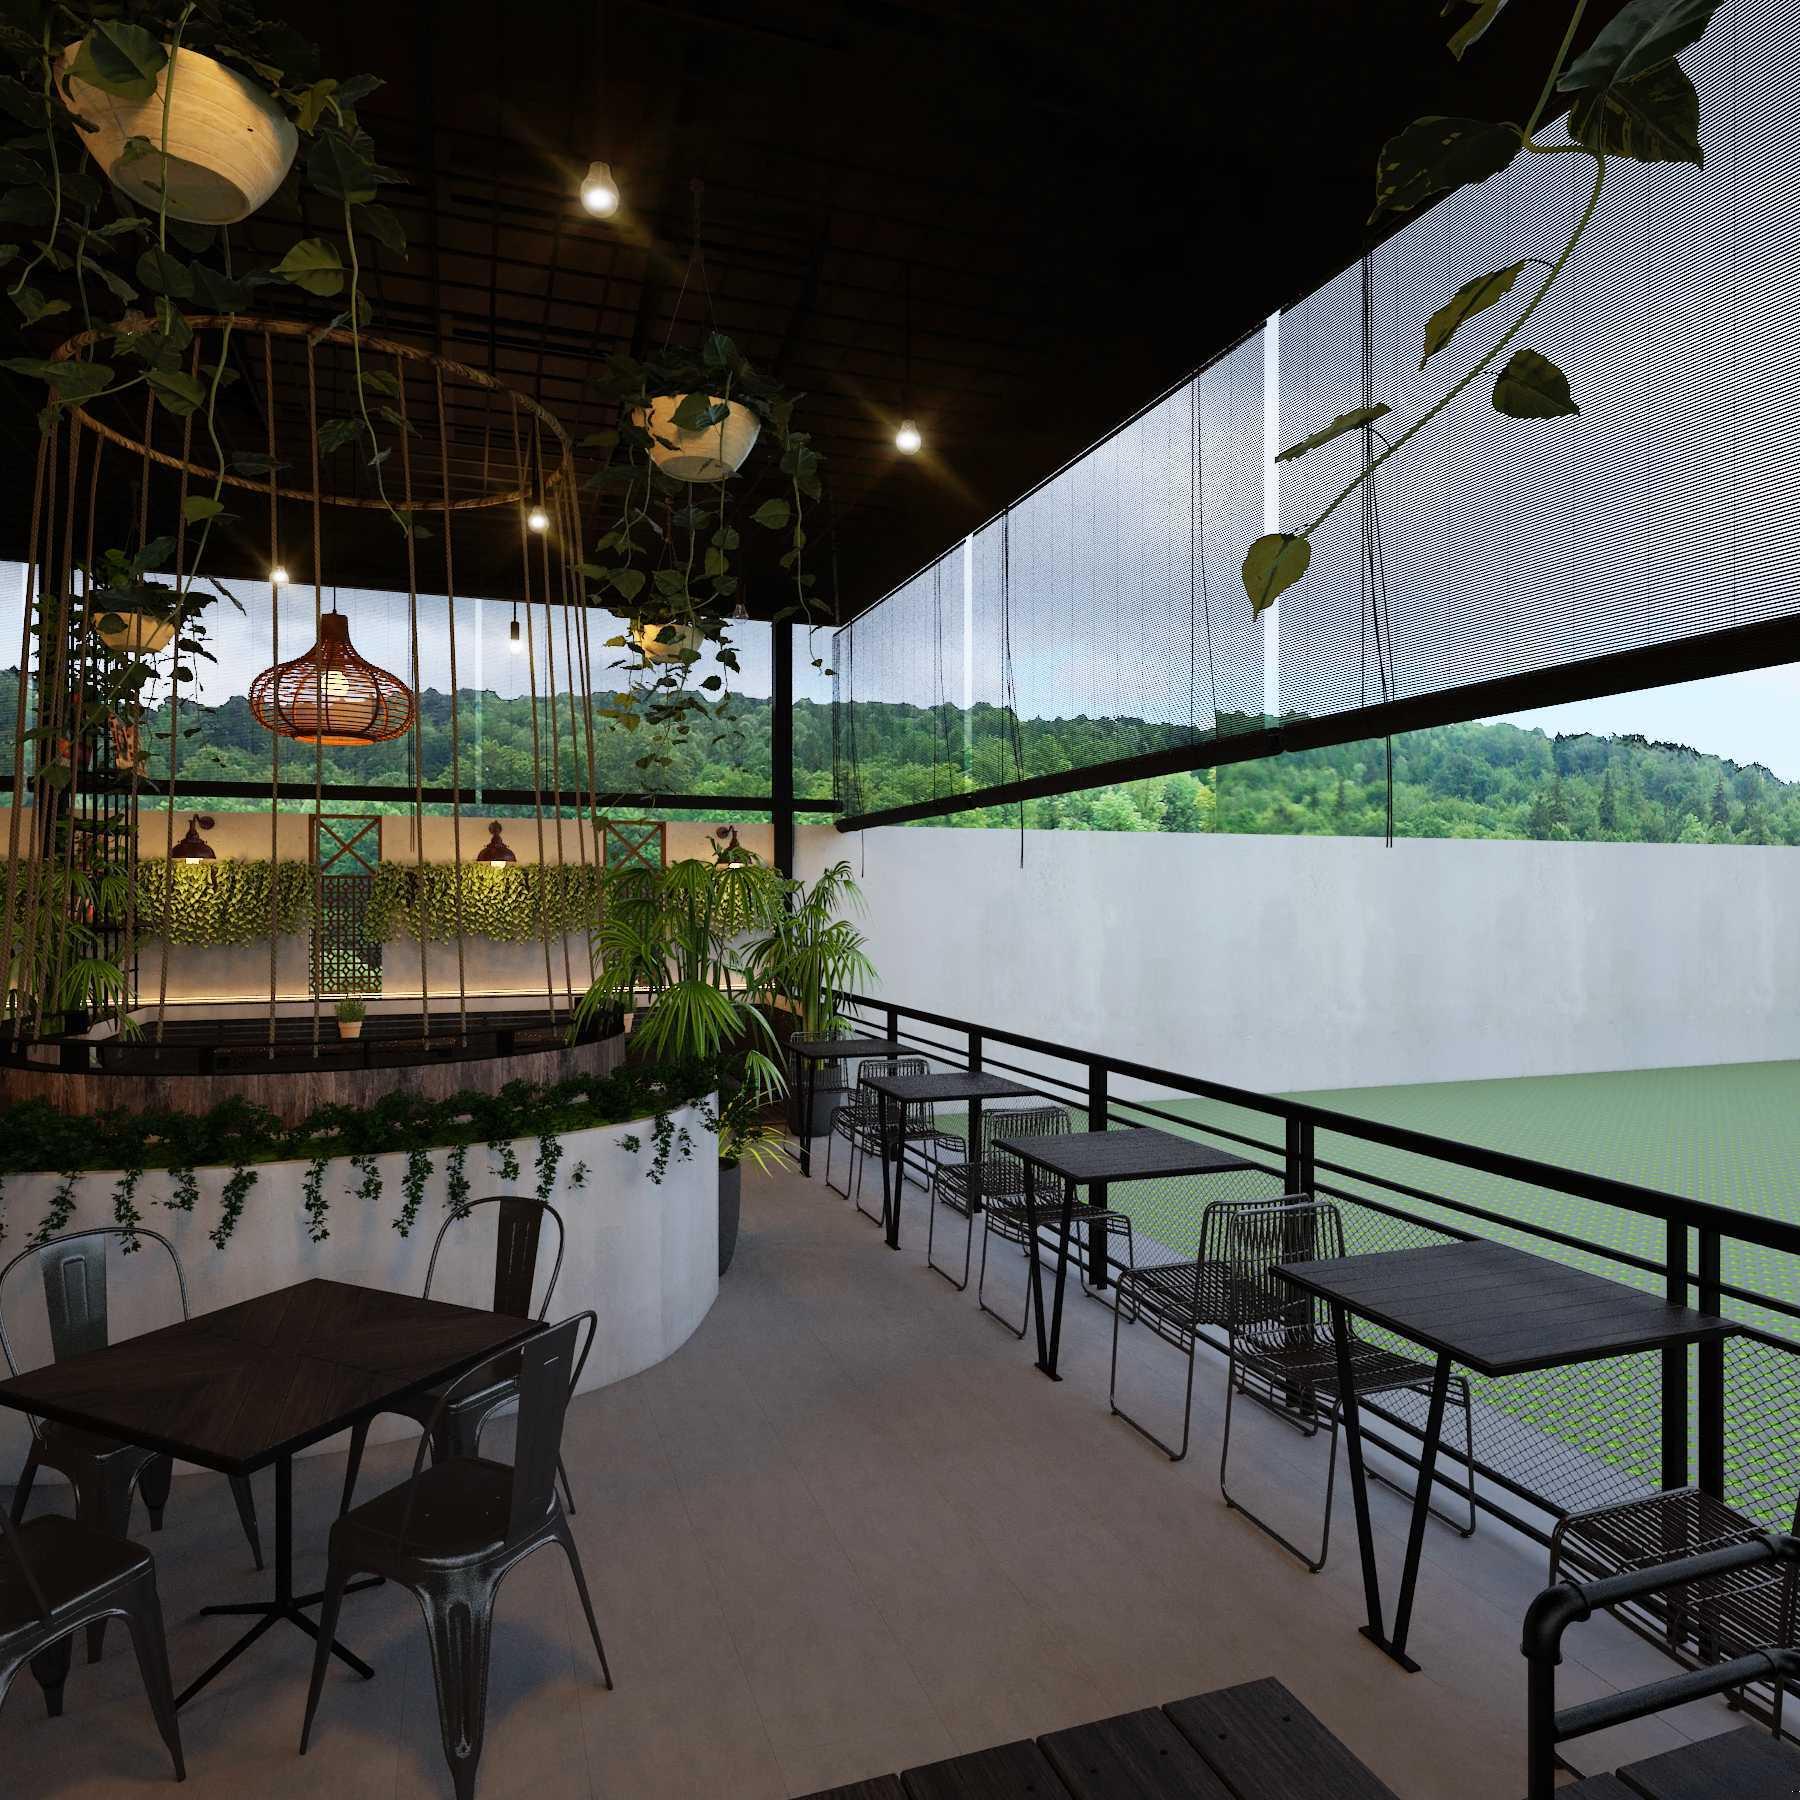 La.casa Cafe Outdoor Medan, Medan City, North Sumatra, Indonesia Medan, Medan City, North Sumatra, Indonesia Cafe 06   30987